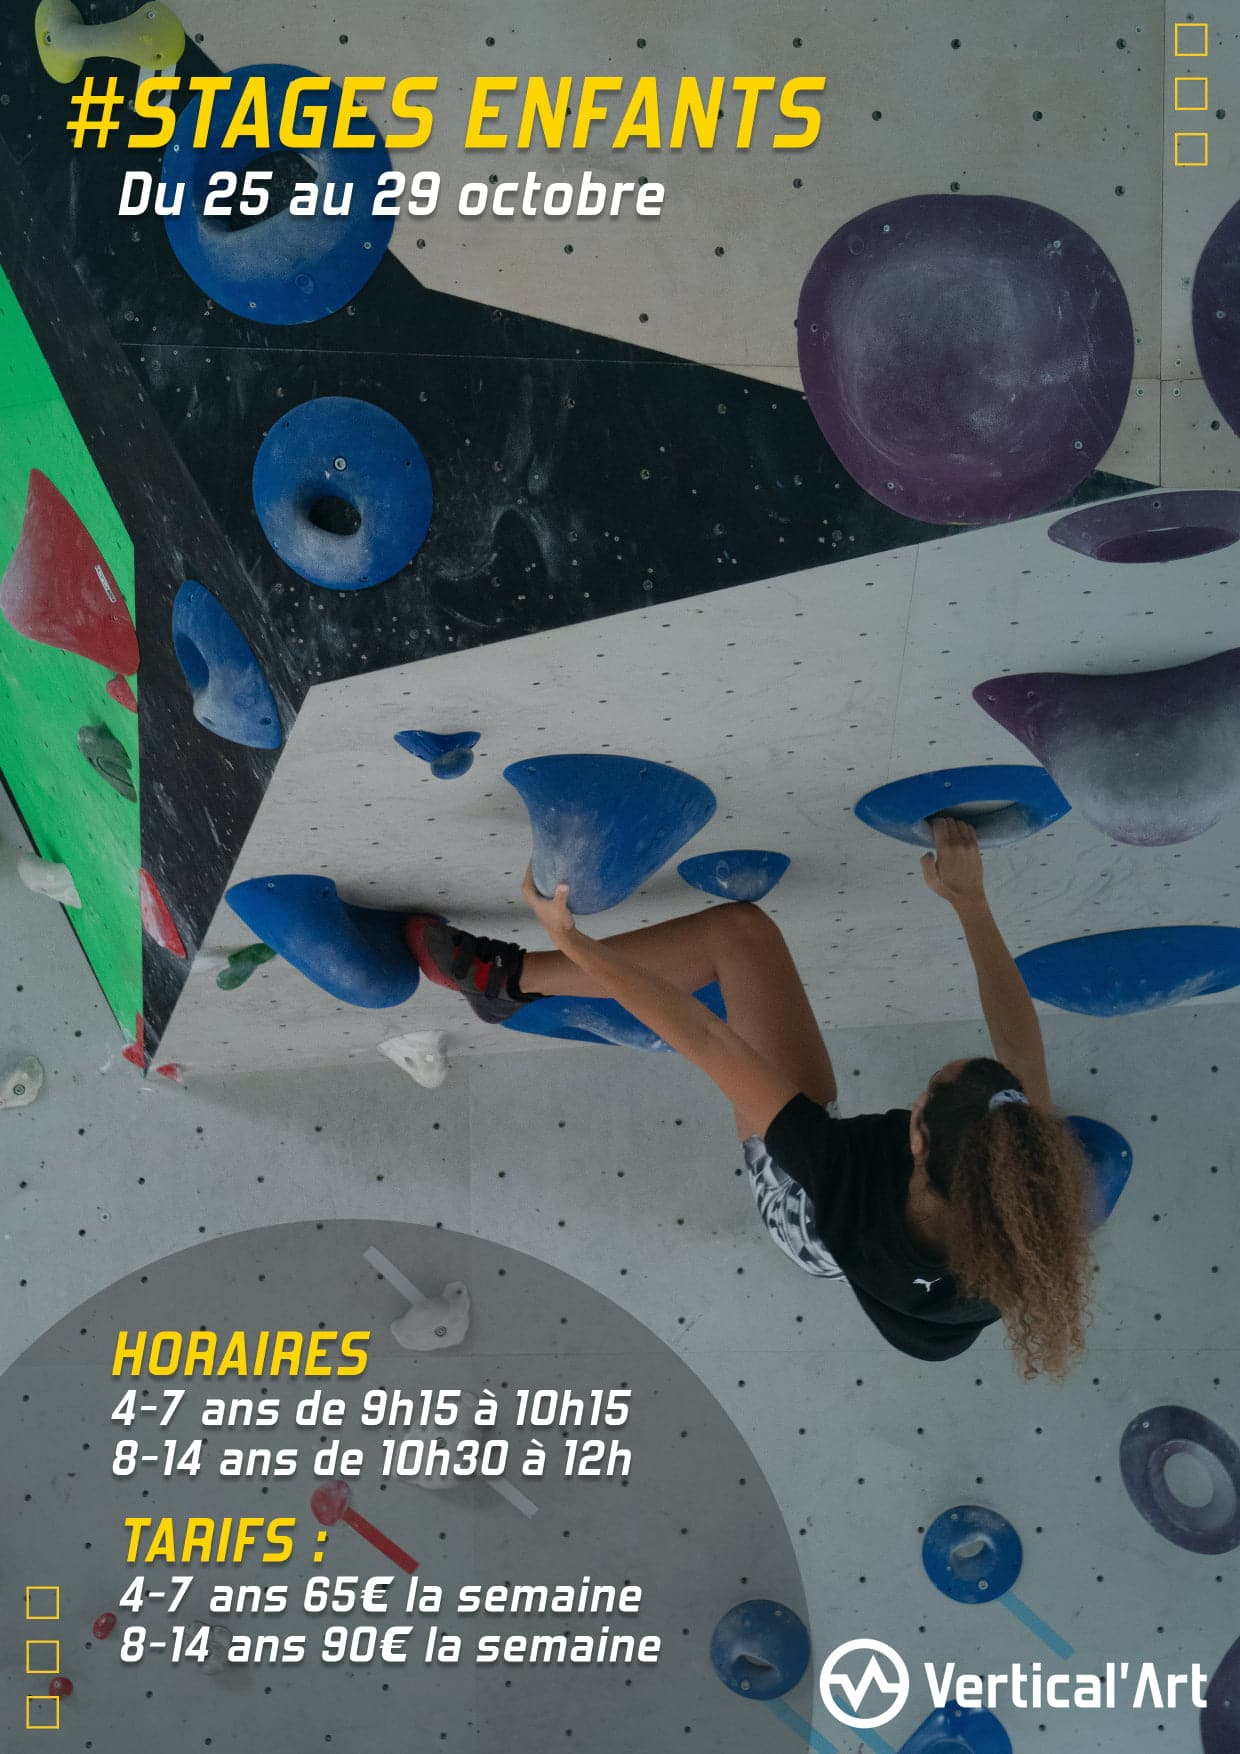 Stages enfants vacances de la Toussaint à Vertical'Art Lille, du 25 au 29 octobre, inscriptions ouvertes